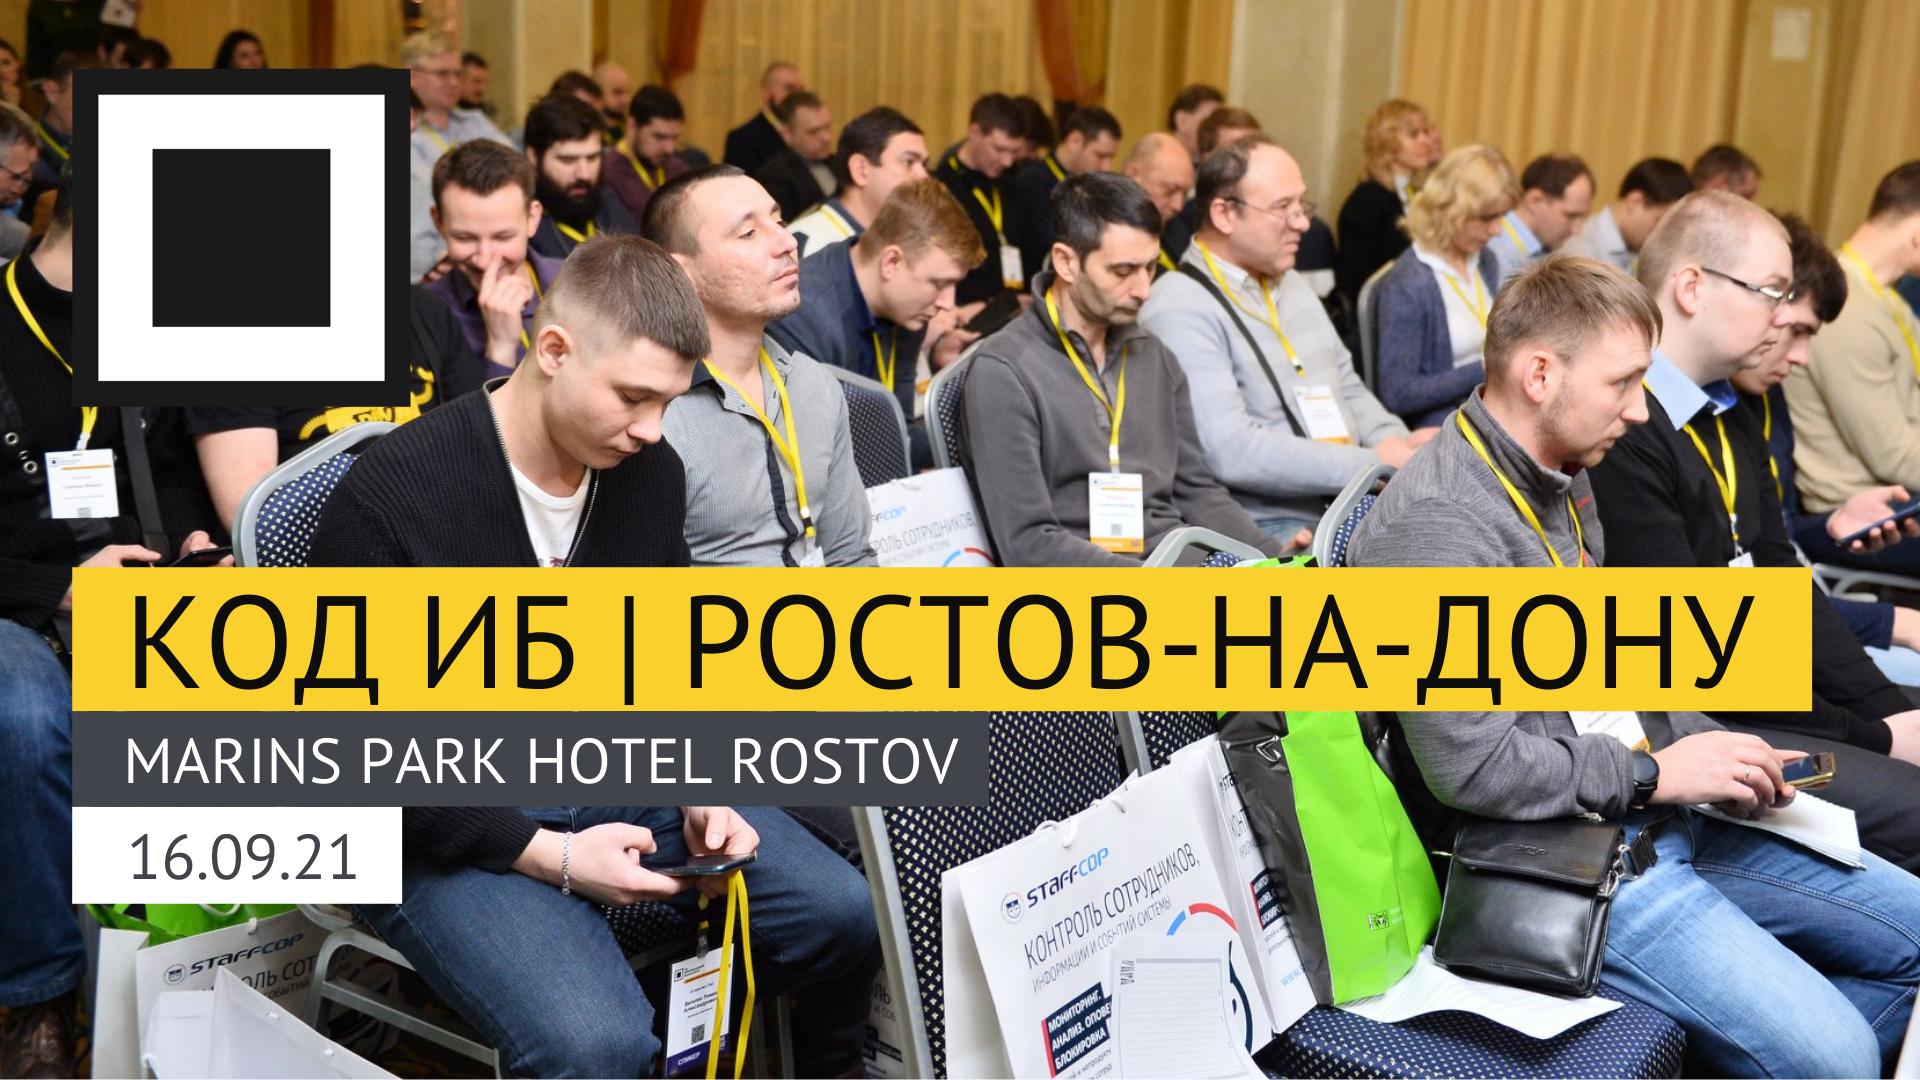 Специалисты по информационной безопасности вновь встретятся на конференции Код ИБ в Ростове-на-Дону